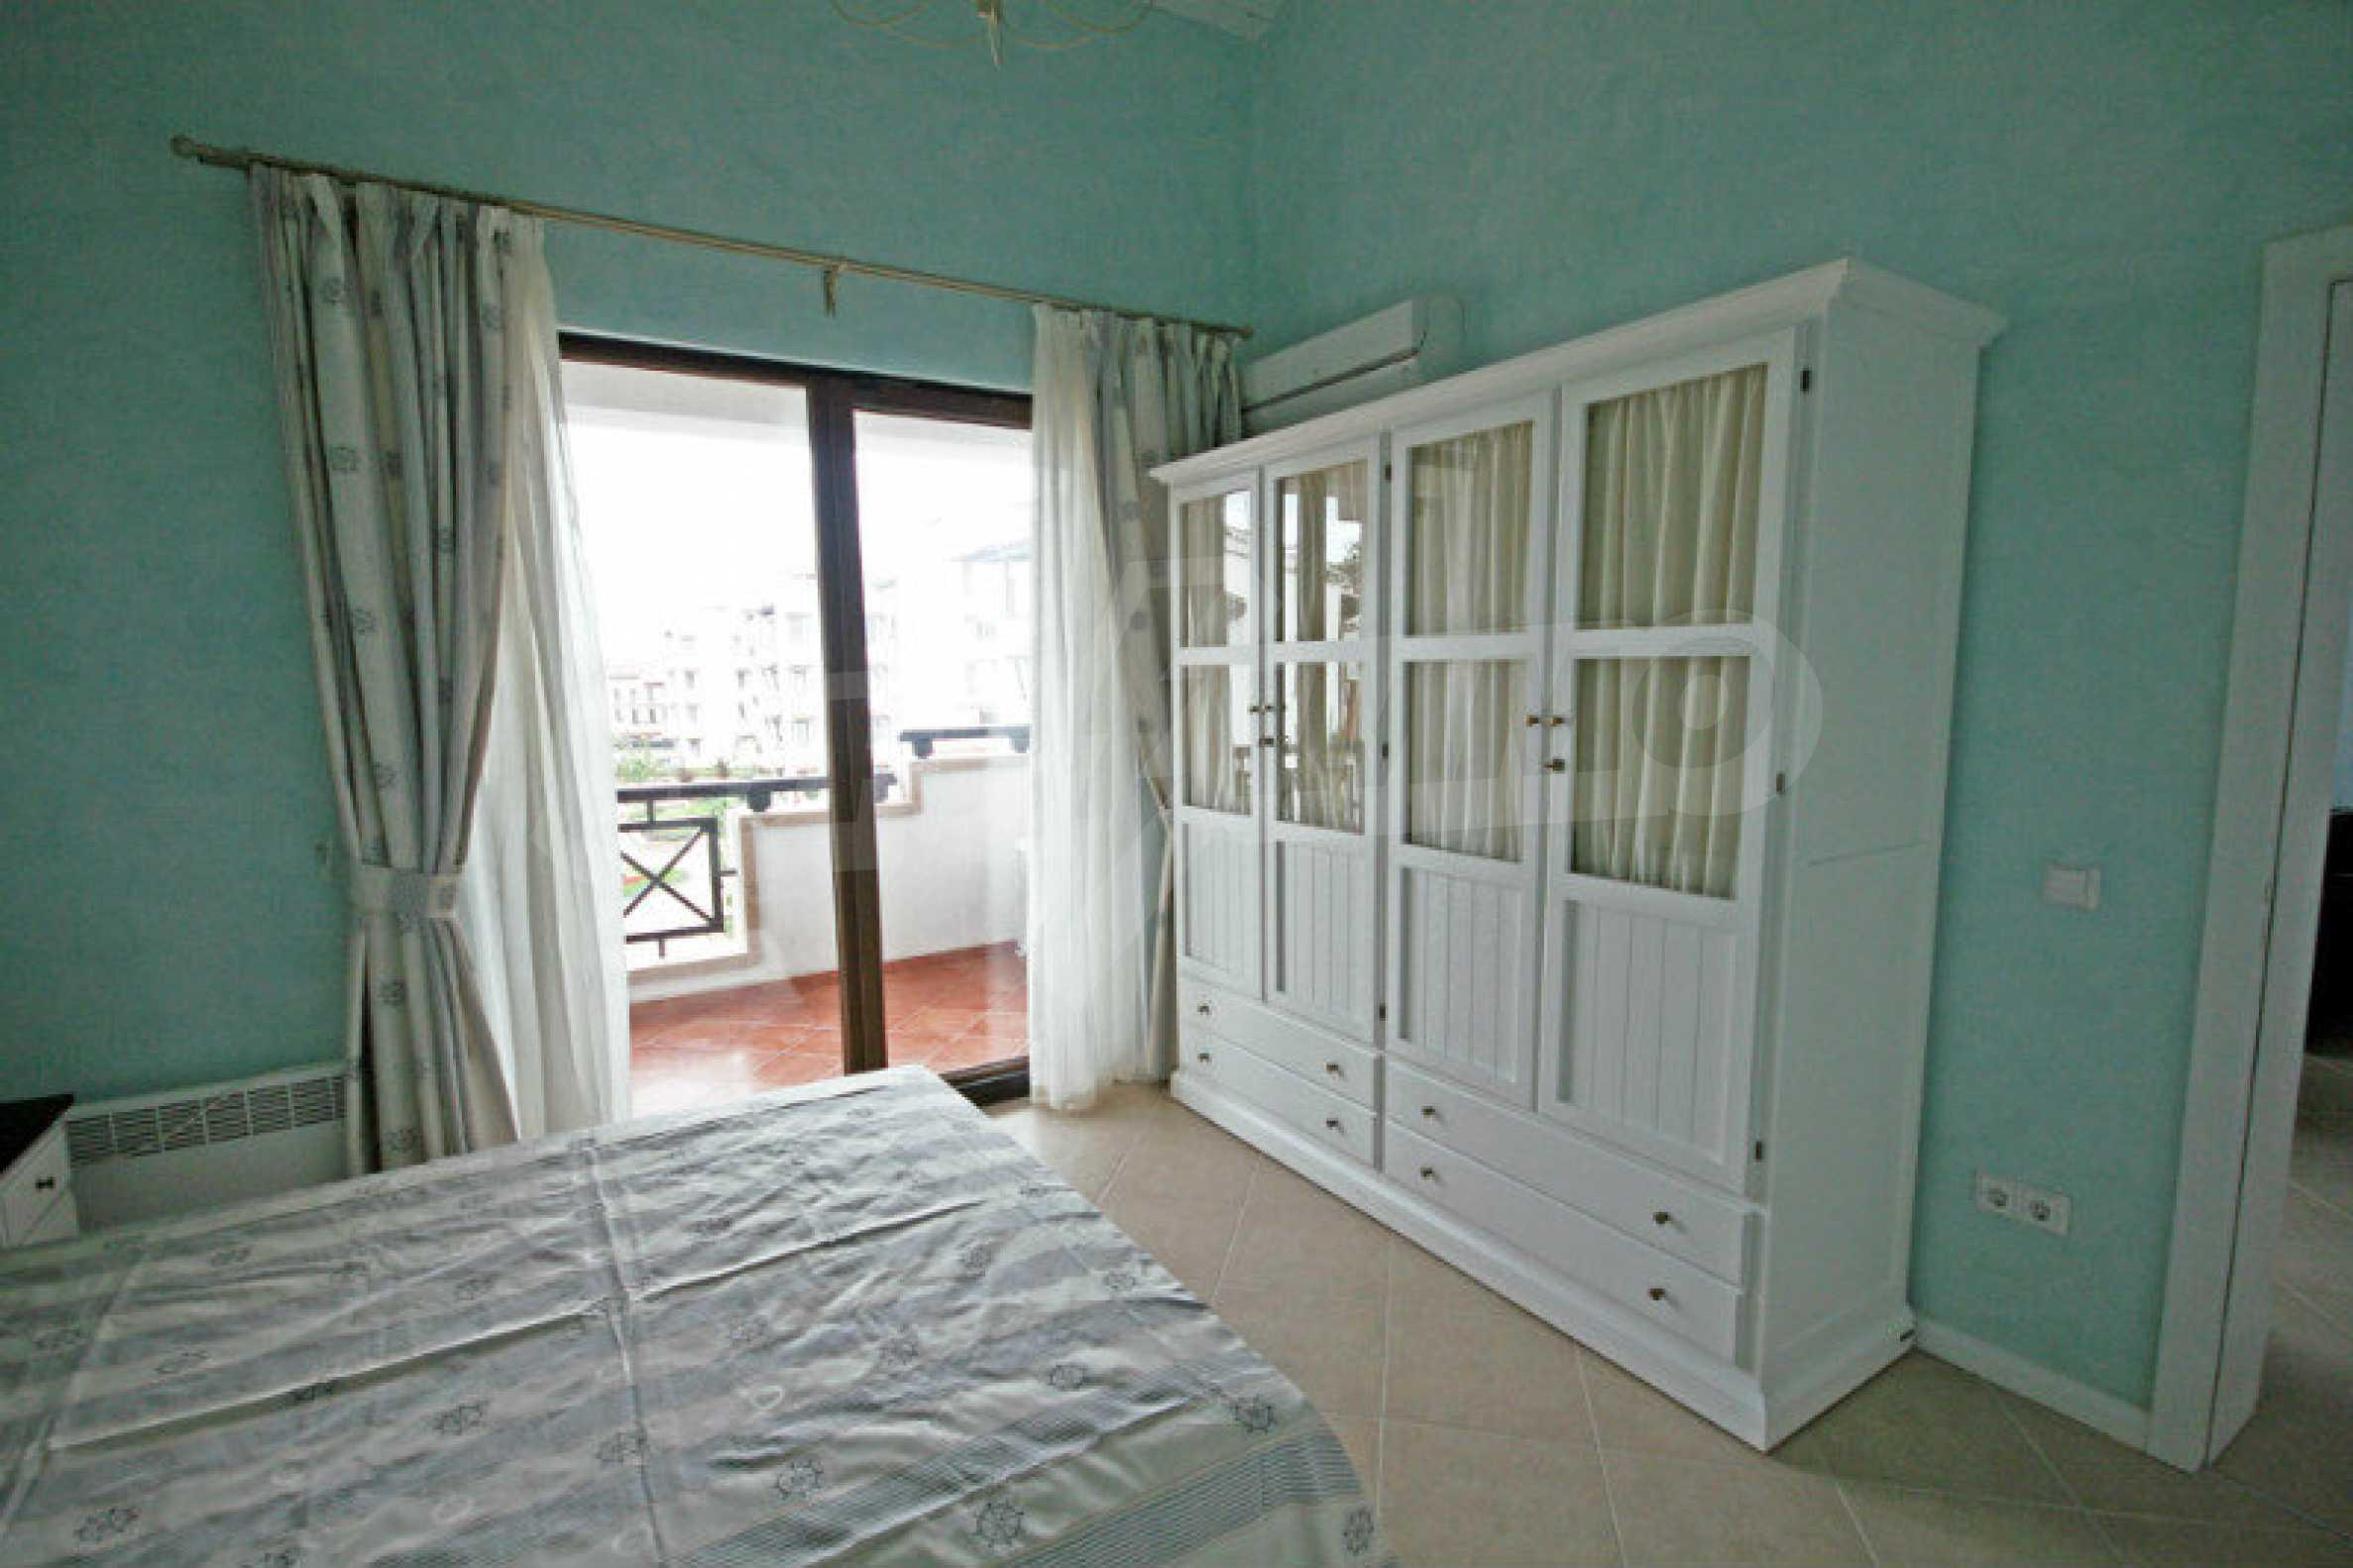 Apartment mit zwei Schlafzimmern und stilvollen Möbeln in einem Komplex in erster Linie 7